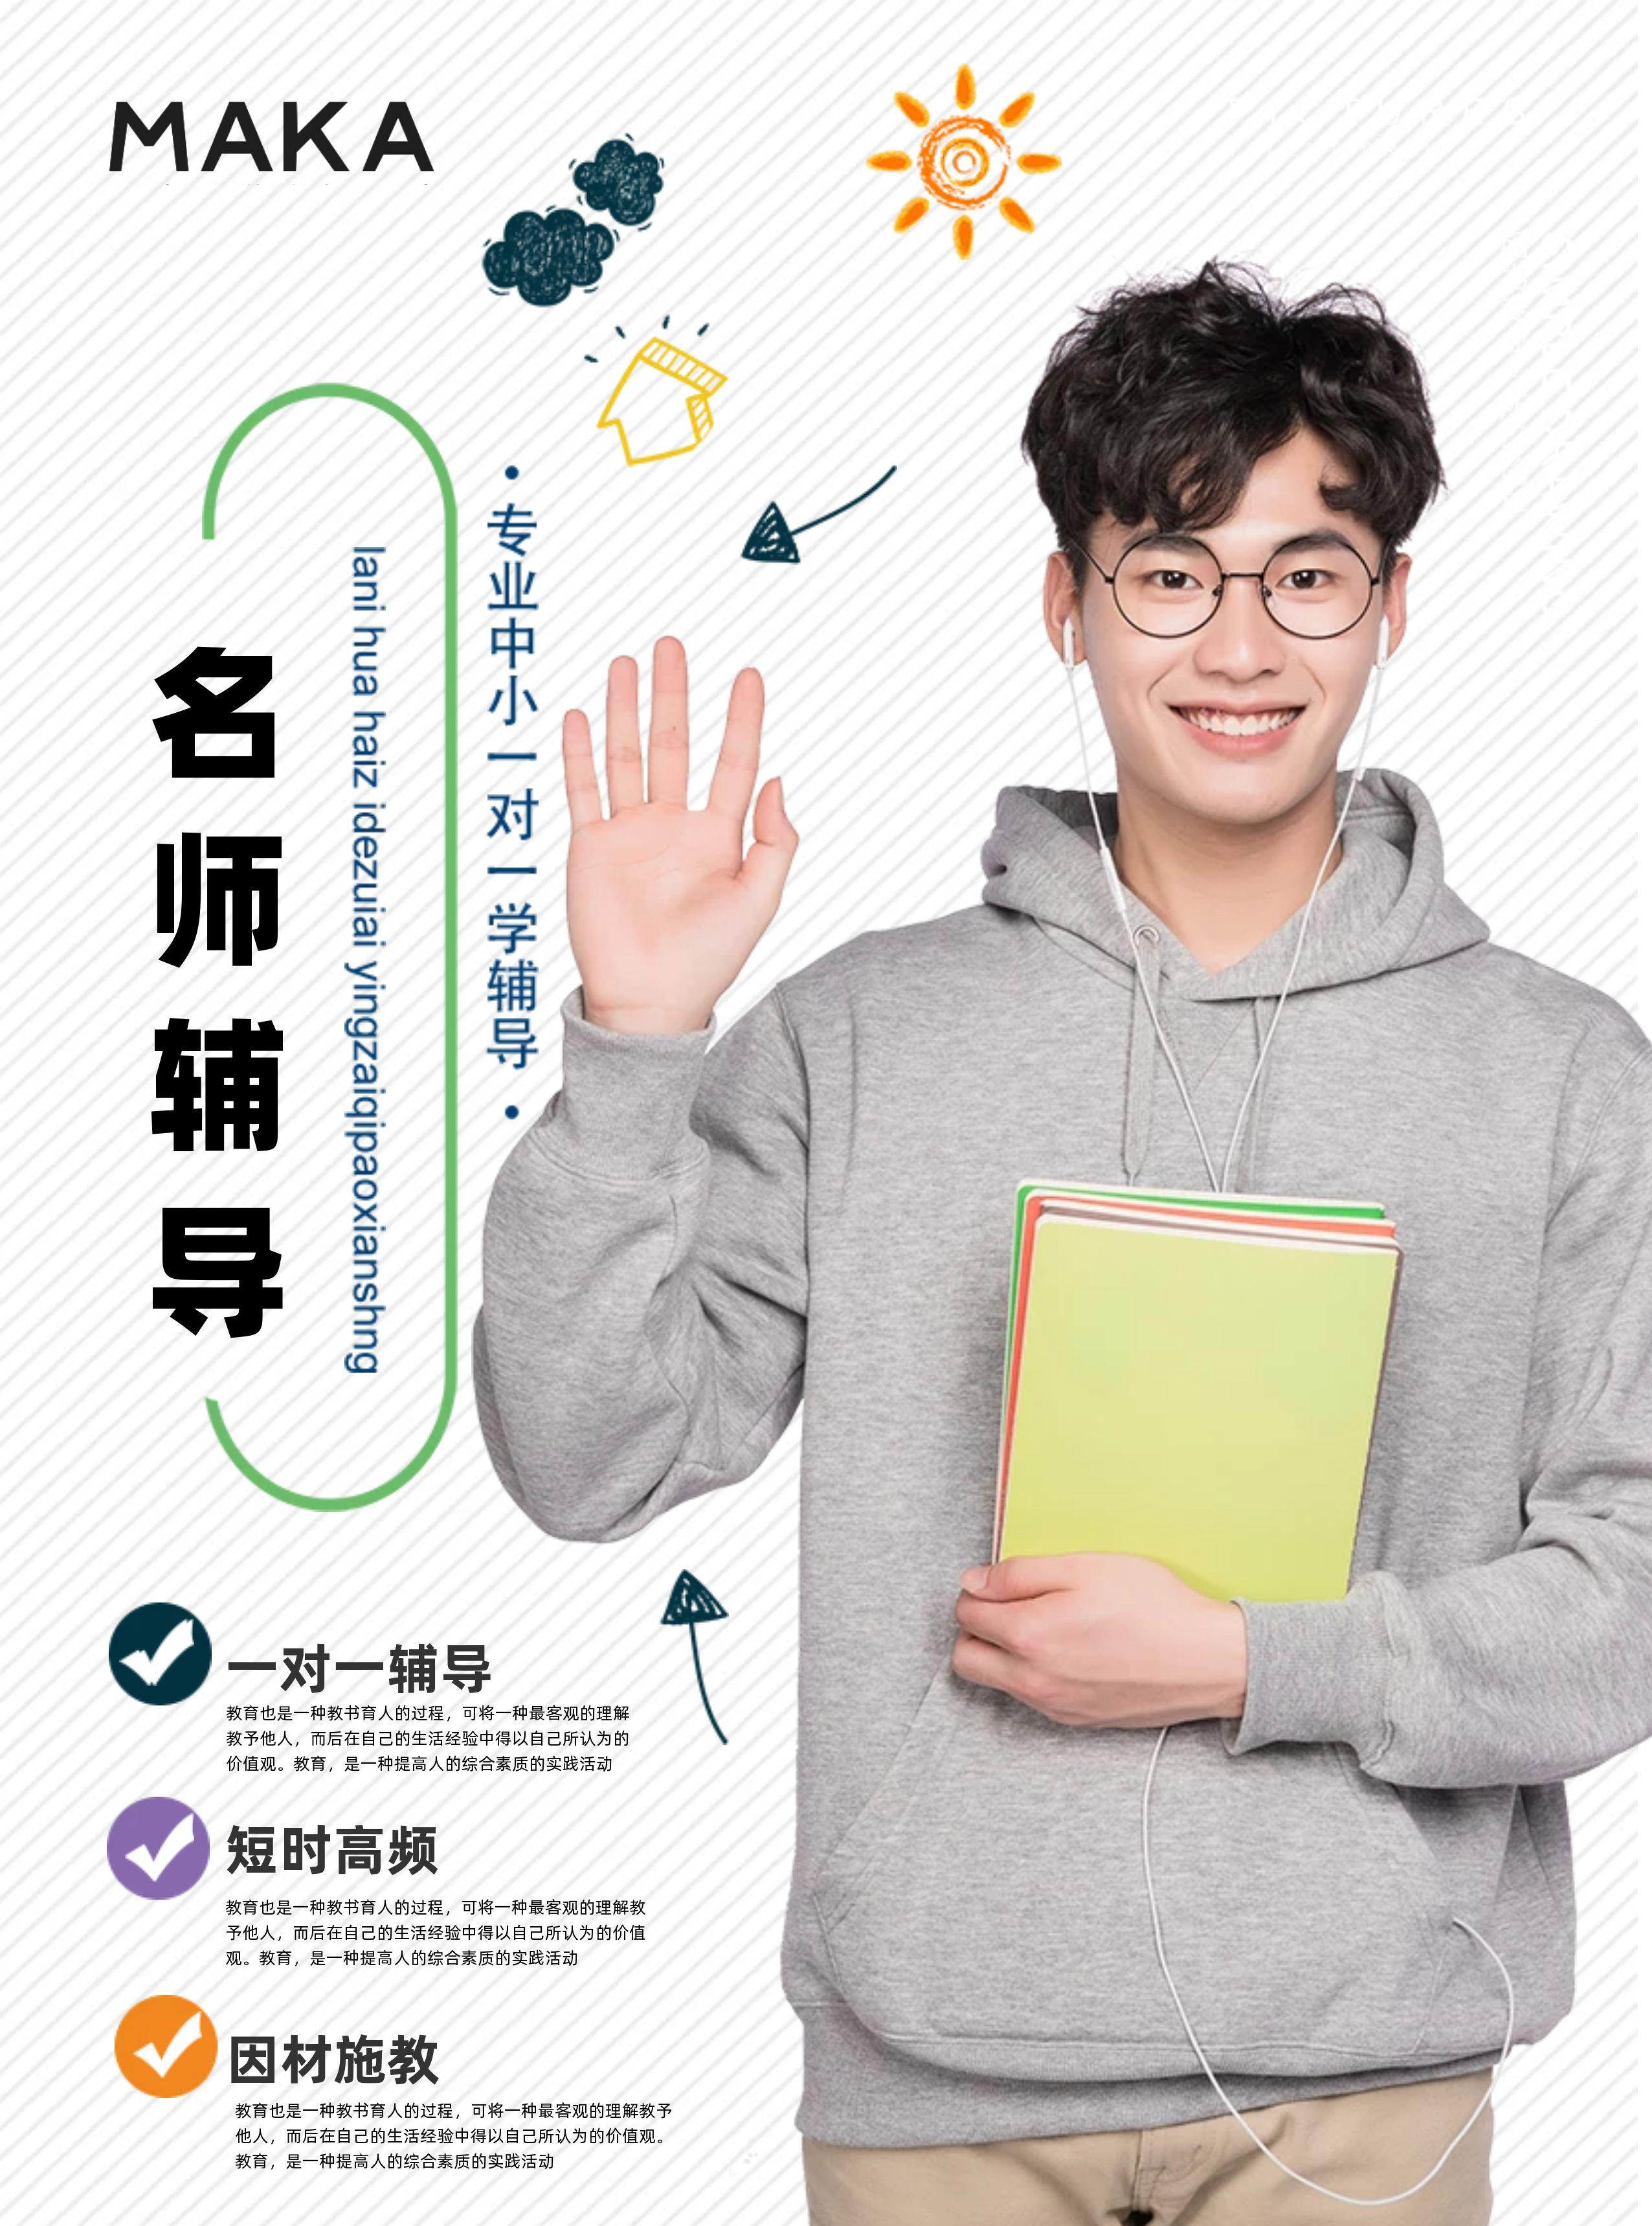 浅色名师辅导中小学培训班推广宣传单模板